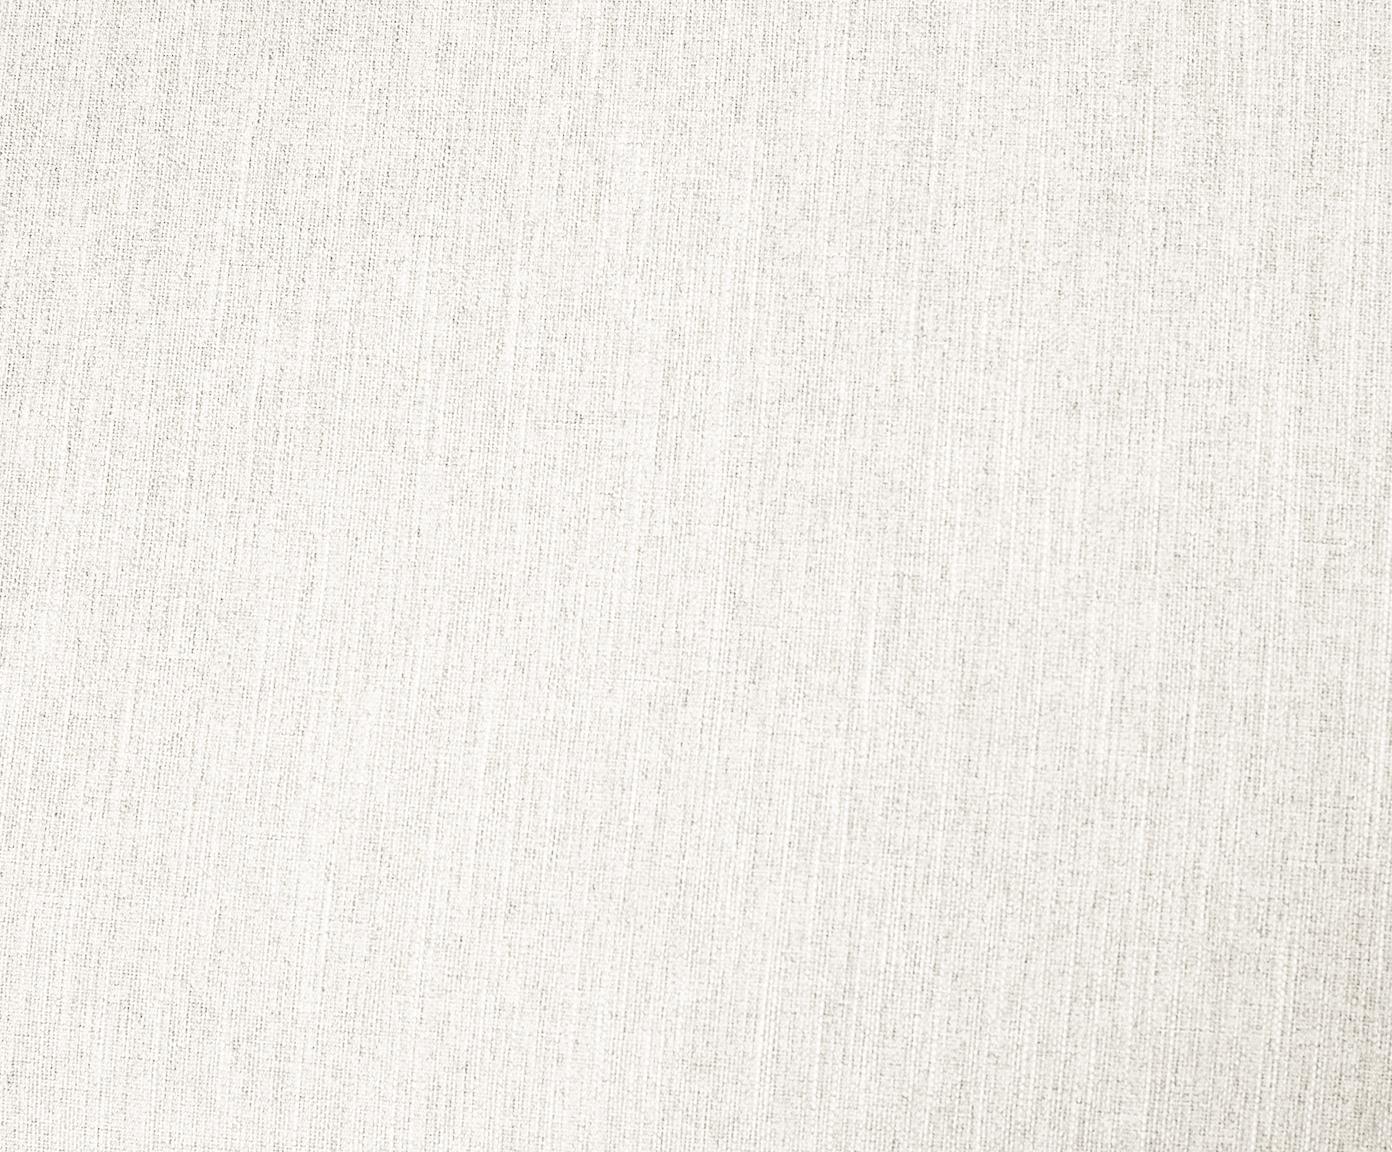 Divano angolare 4 posti in tessuto beige Melva, Rivestimento: poliestere 35.000 cicli d, Struttura: legno di pino massiccio, , Piedini: legno di pino, Tessuto beige, Larg. 319 x Prof. 144 cm